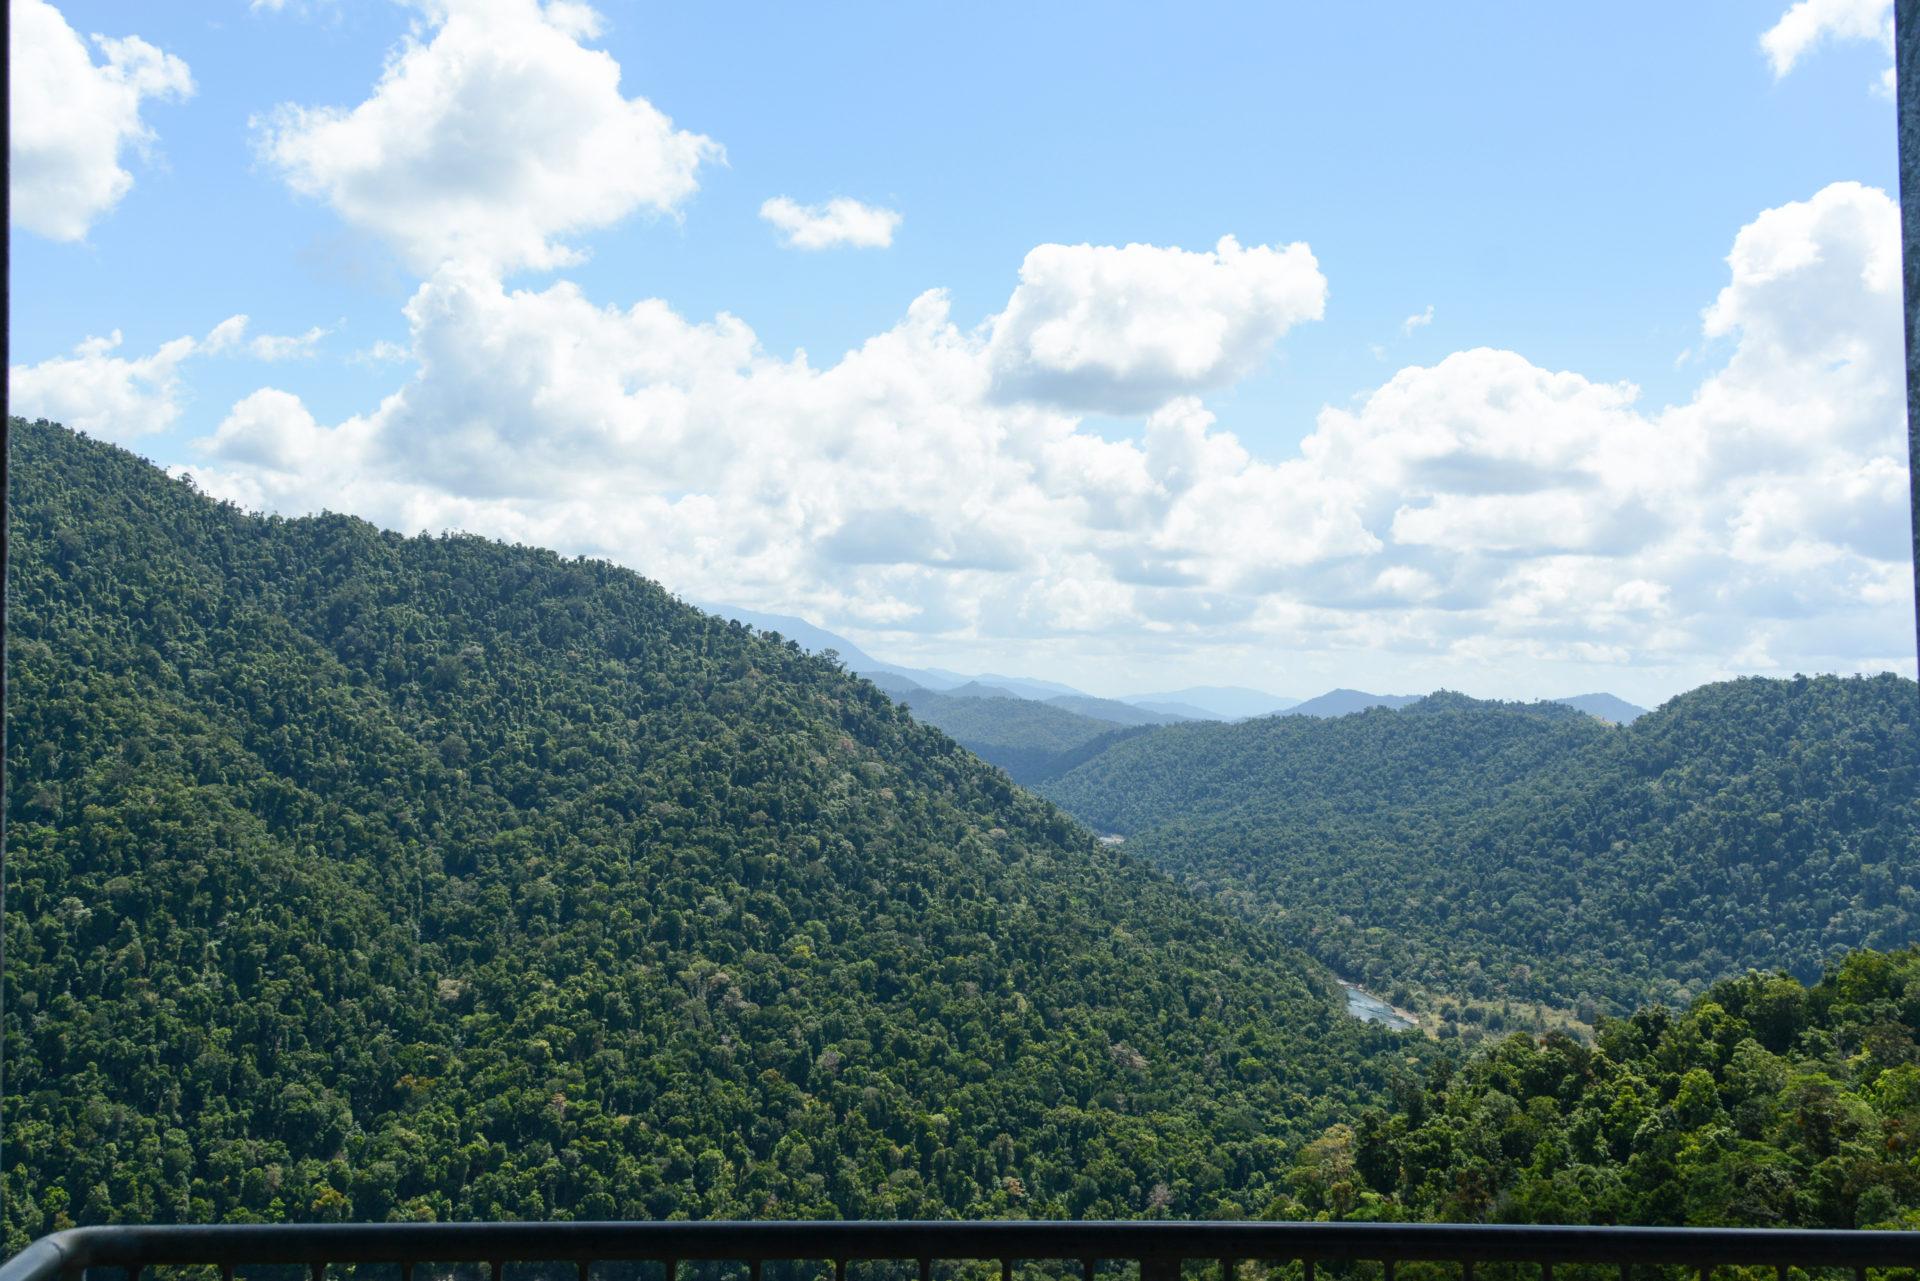 Der Regenwald von Queensland vom Momu Tropical Skywalk aus gesehen